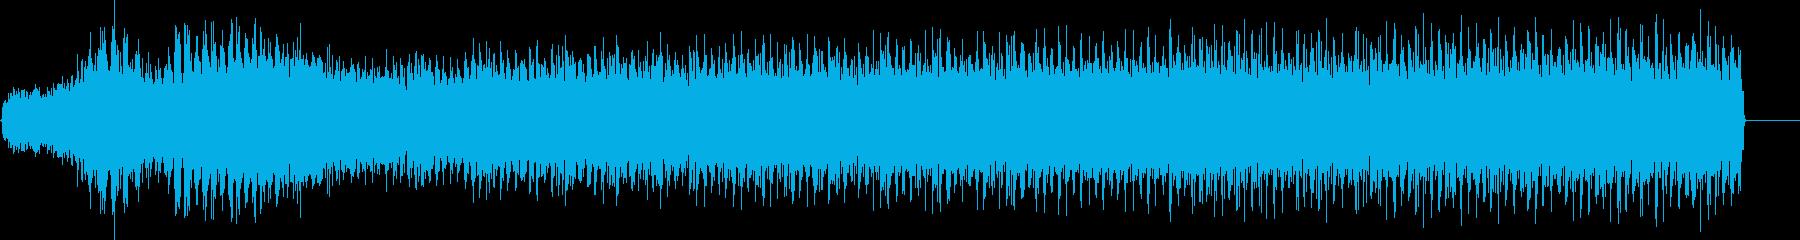 工場機械;マシンハム/バズは素早く...の再生済みの波形